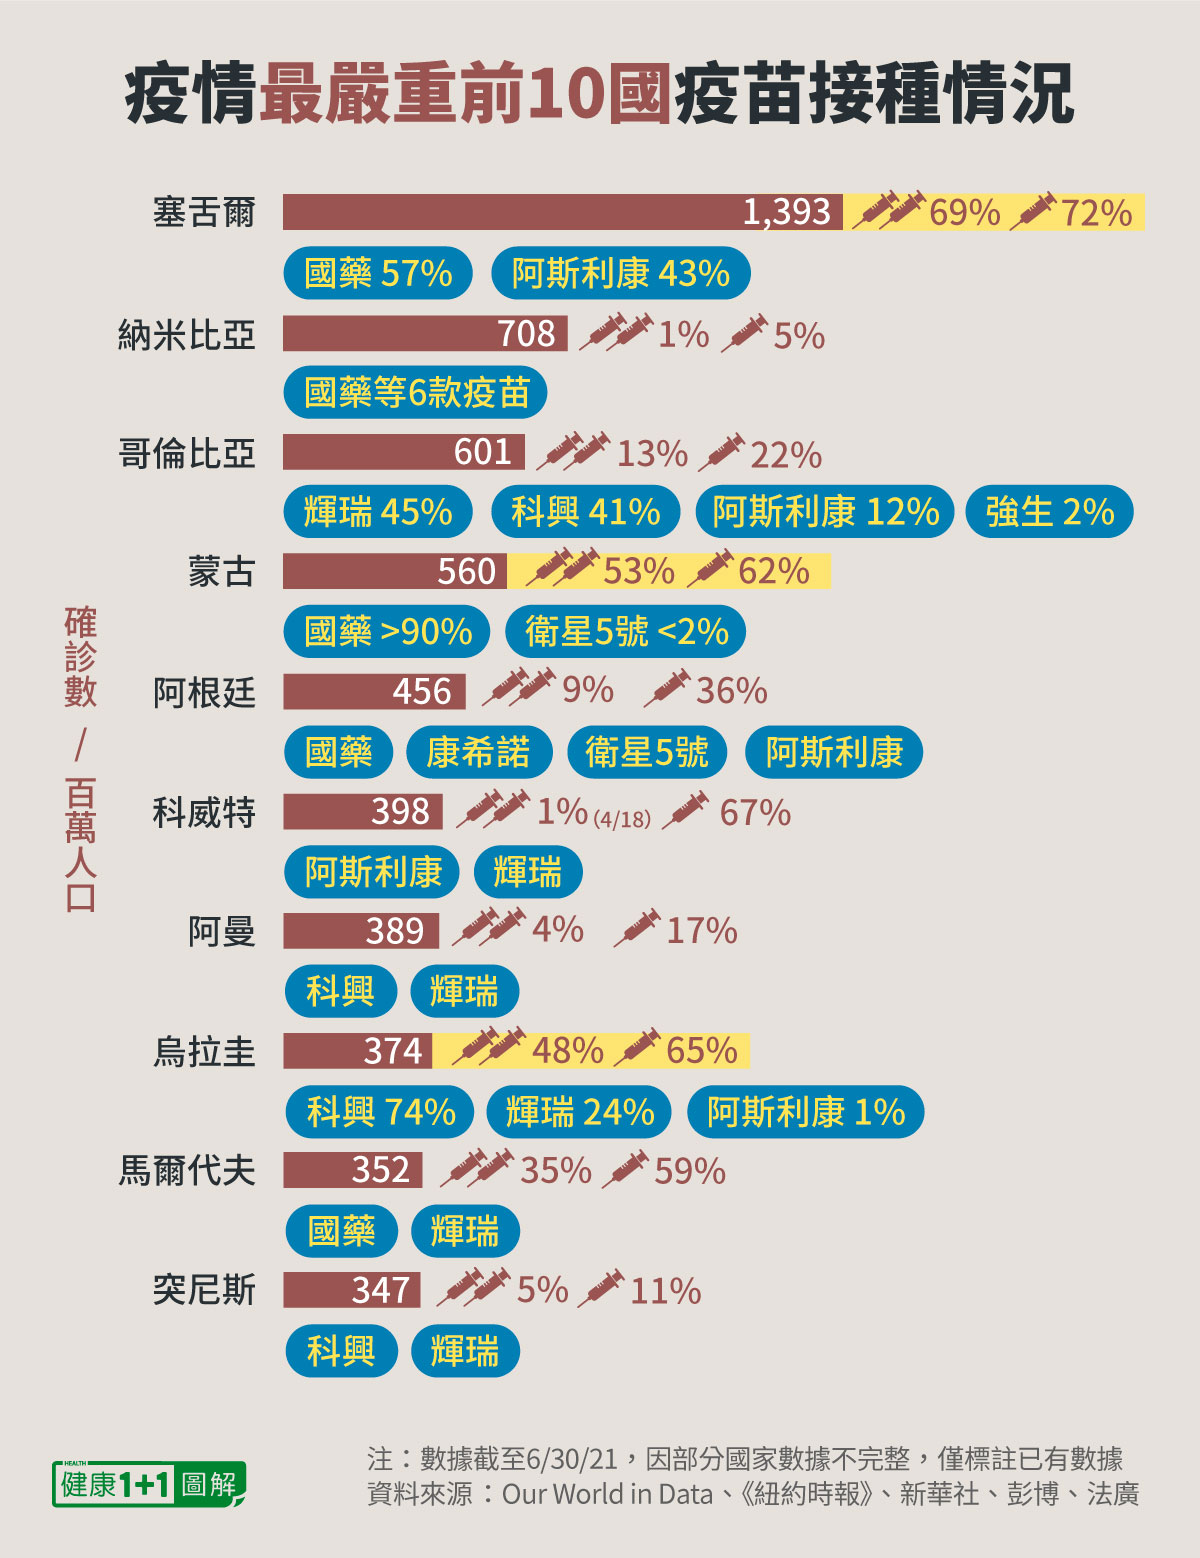 疫情最嚴重的前10名國家,大多數接種中國科興或國藥疫苗。(健康1+1/大紀元)